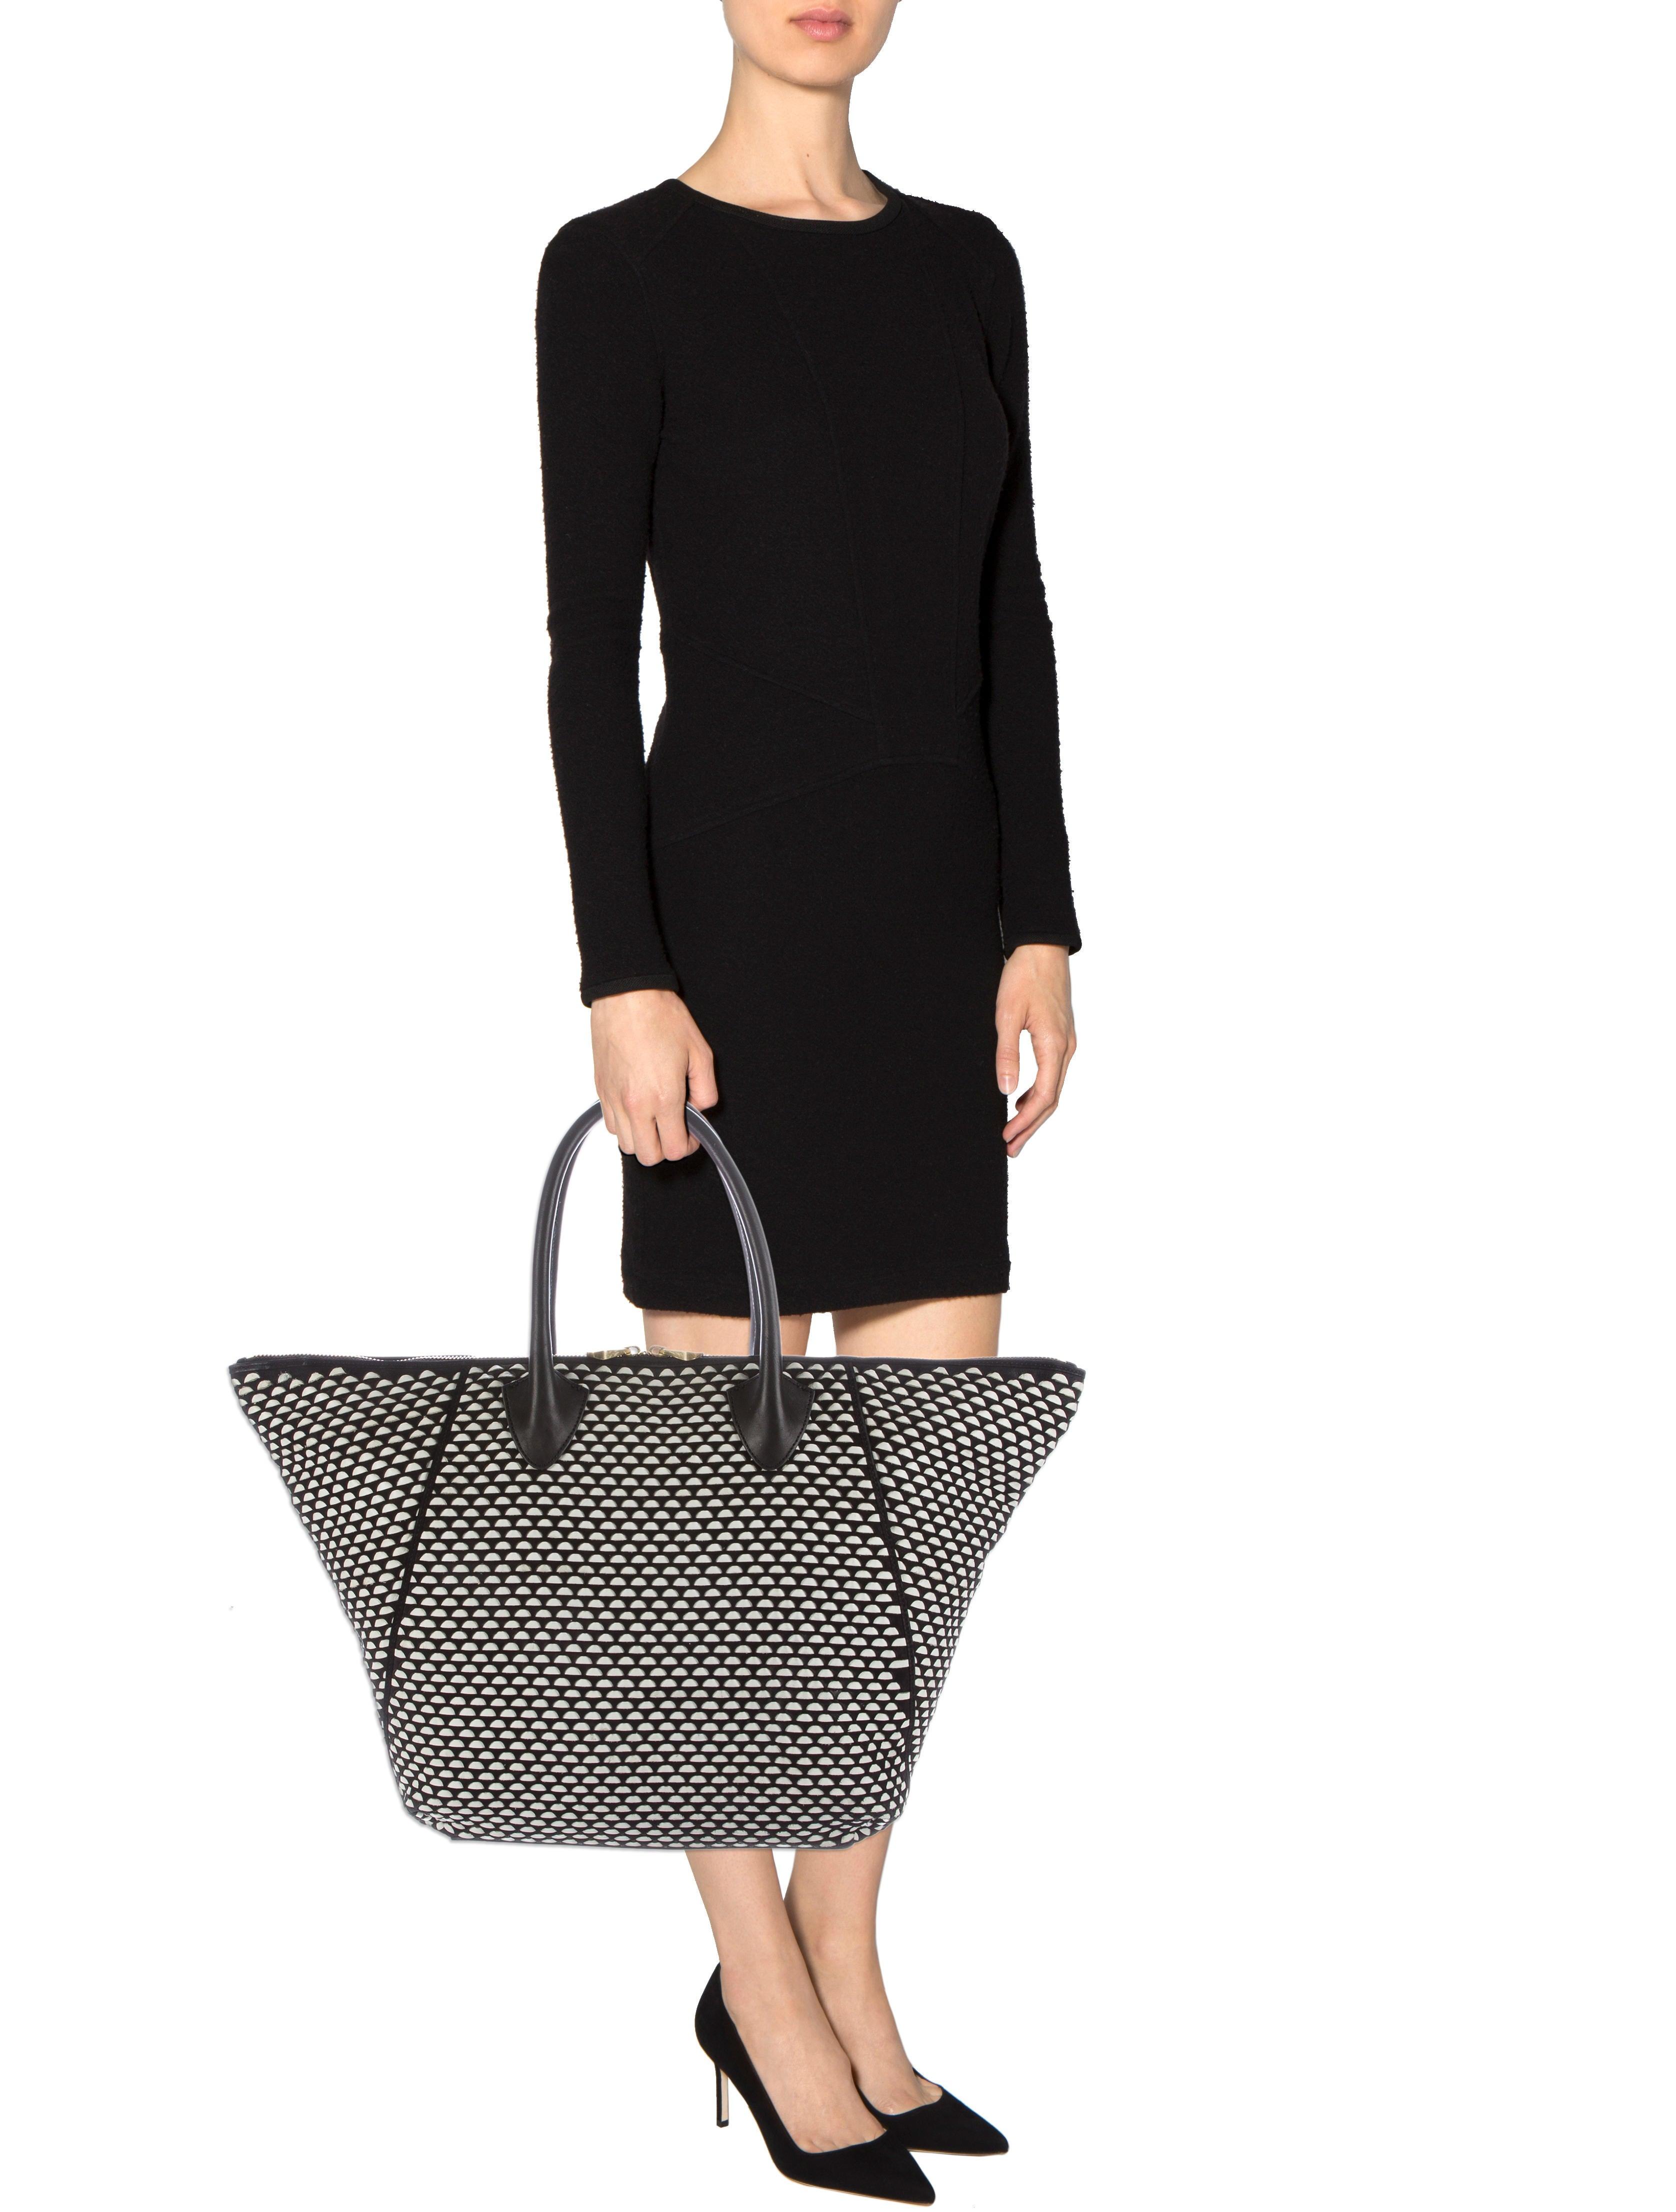 71d98e5107bf Women · Handbags  Pour La Victoire Woven Leather Milano Tote. Woven Leather  Milano Tote · Woven Leather Milano Tote